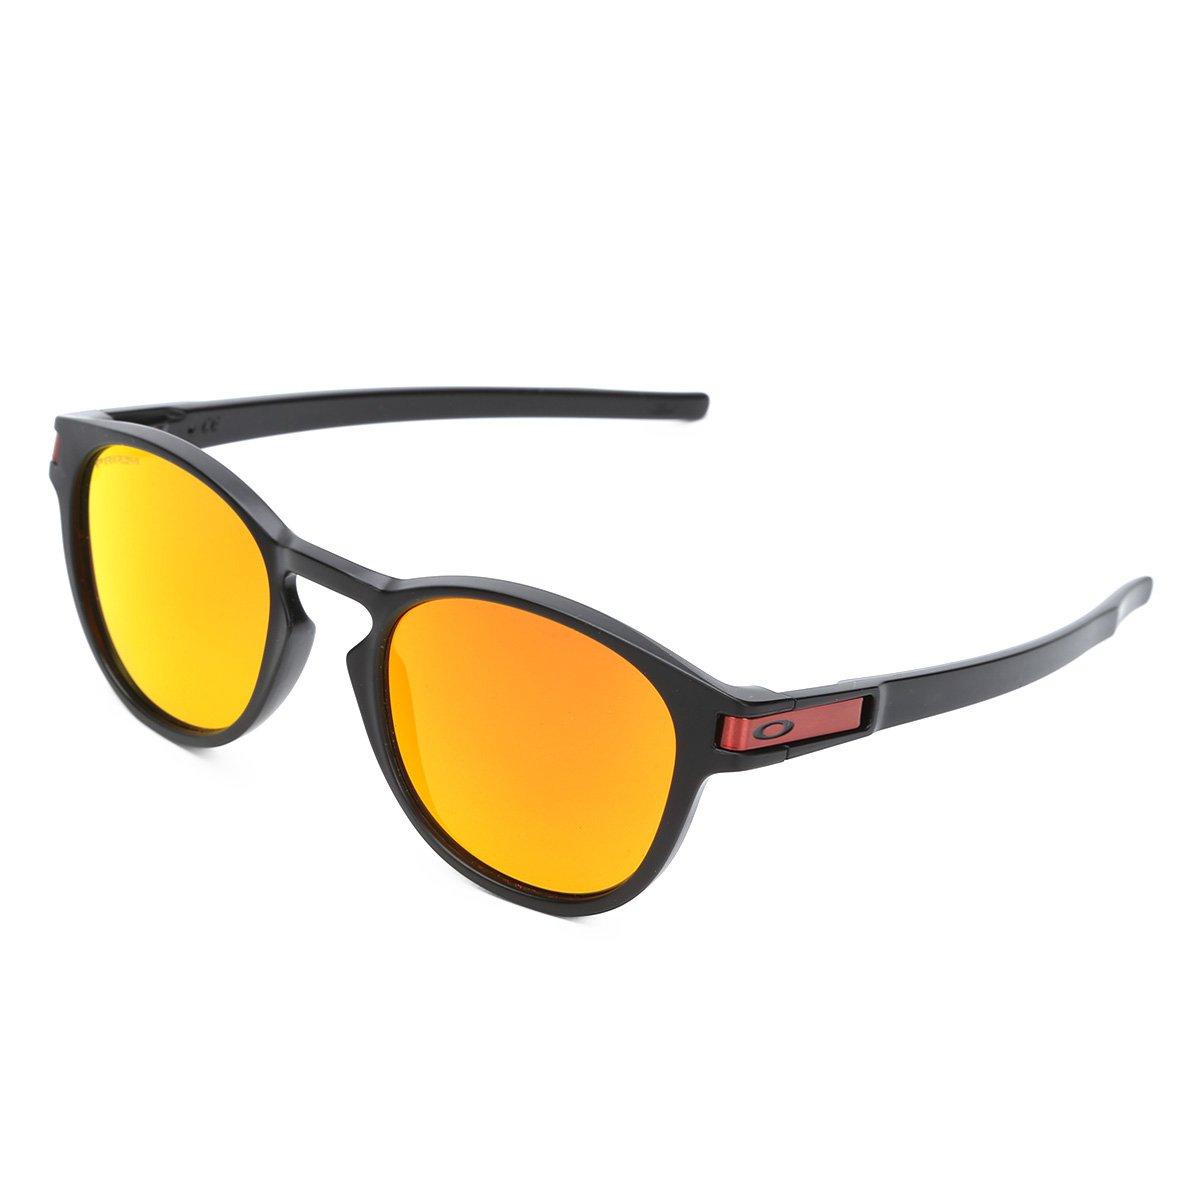 405da3199d1c0 Óculos de Sol Oakley Latch Masculino - Preto e Laranja - Compre Agora